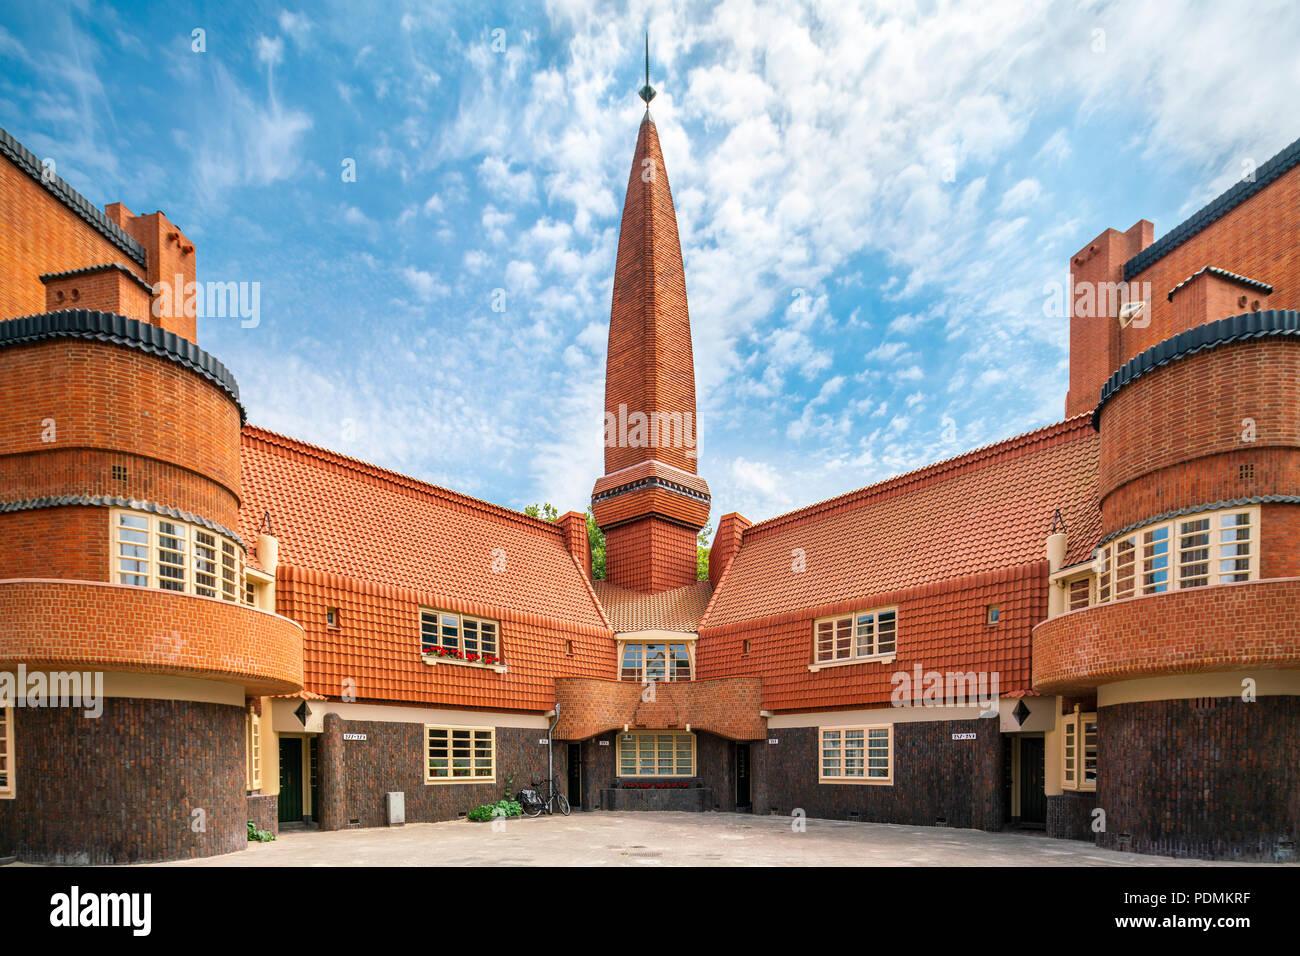 Museo della scuola di Amsterdam architettura building Het Schip da Michel de Klerk (1919) in mattoni in stile dell'Espressionismo. Immagini Stock